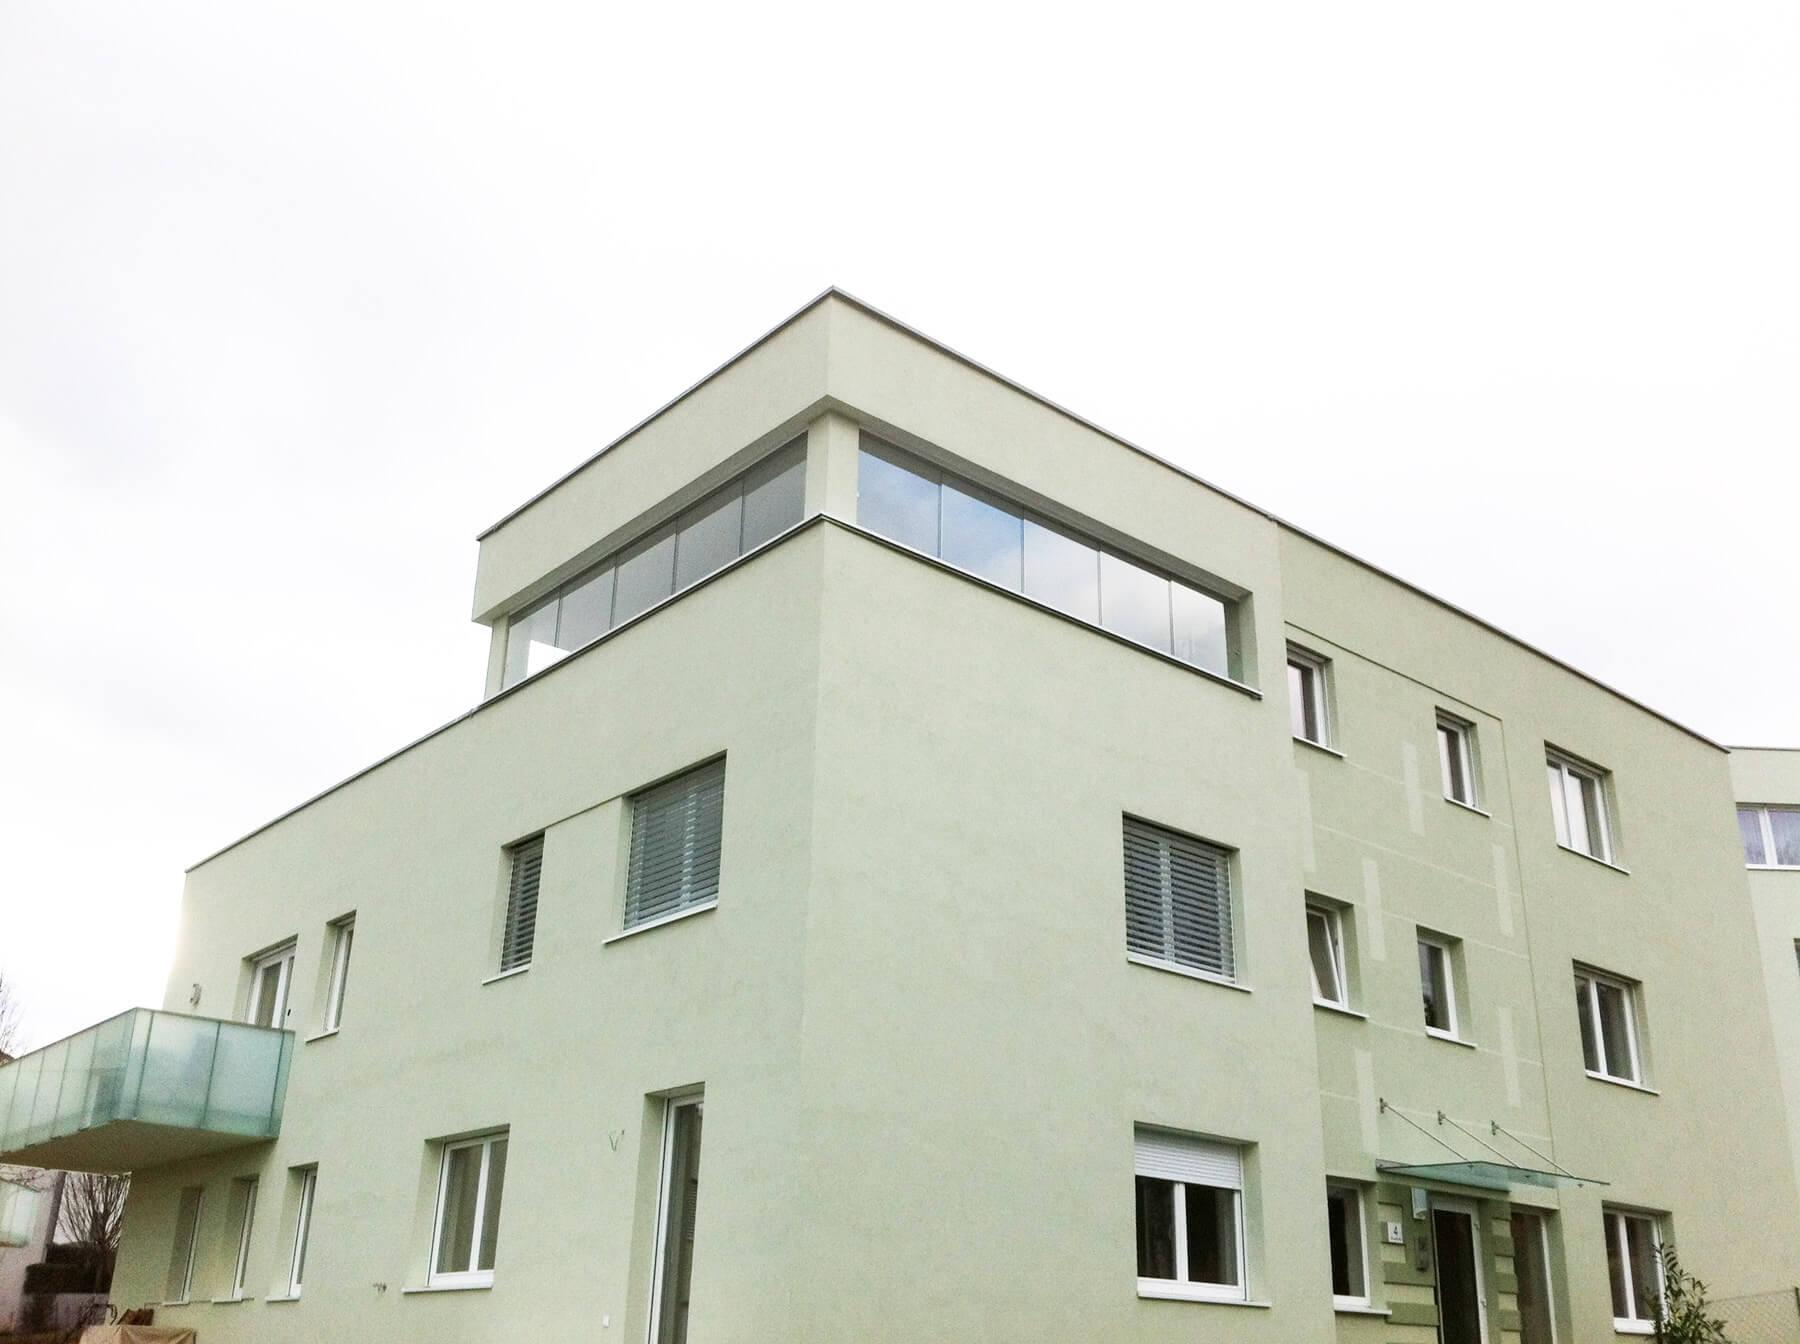 Dachterrasse Windschutz Glas